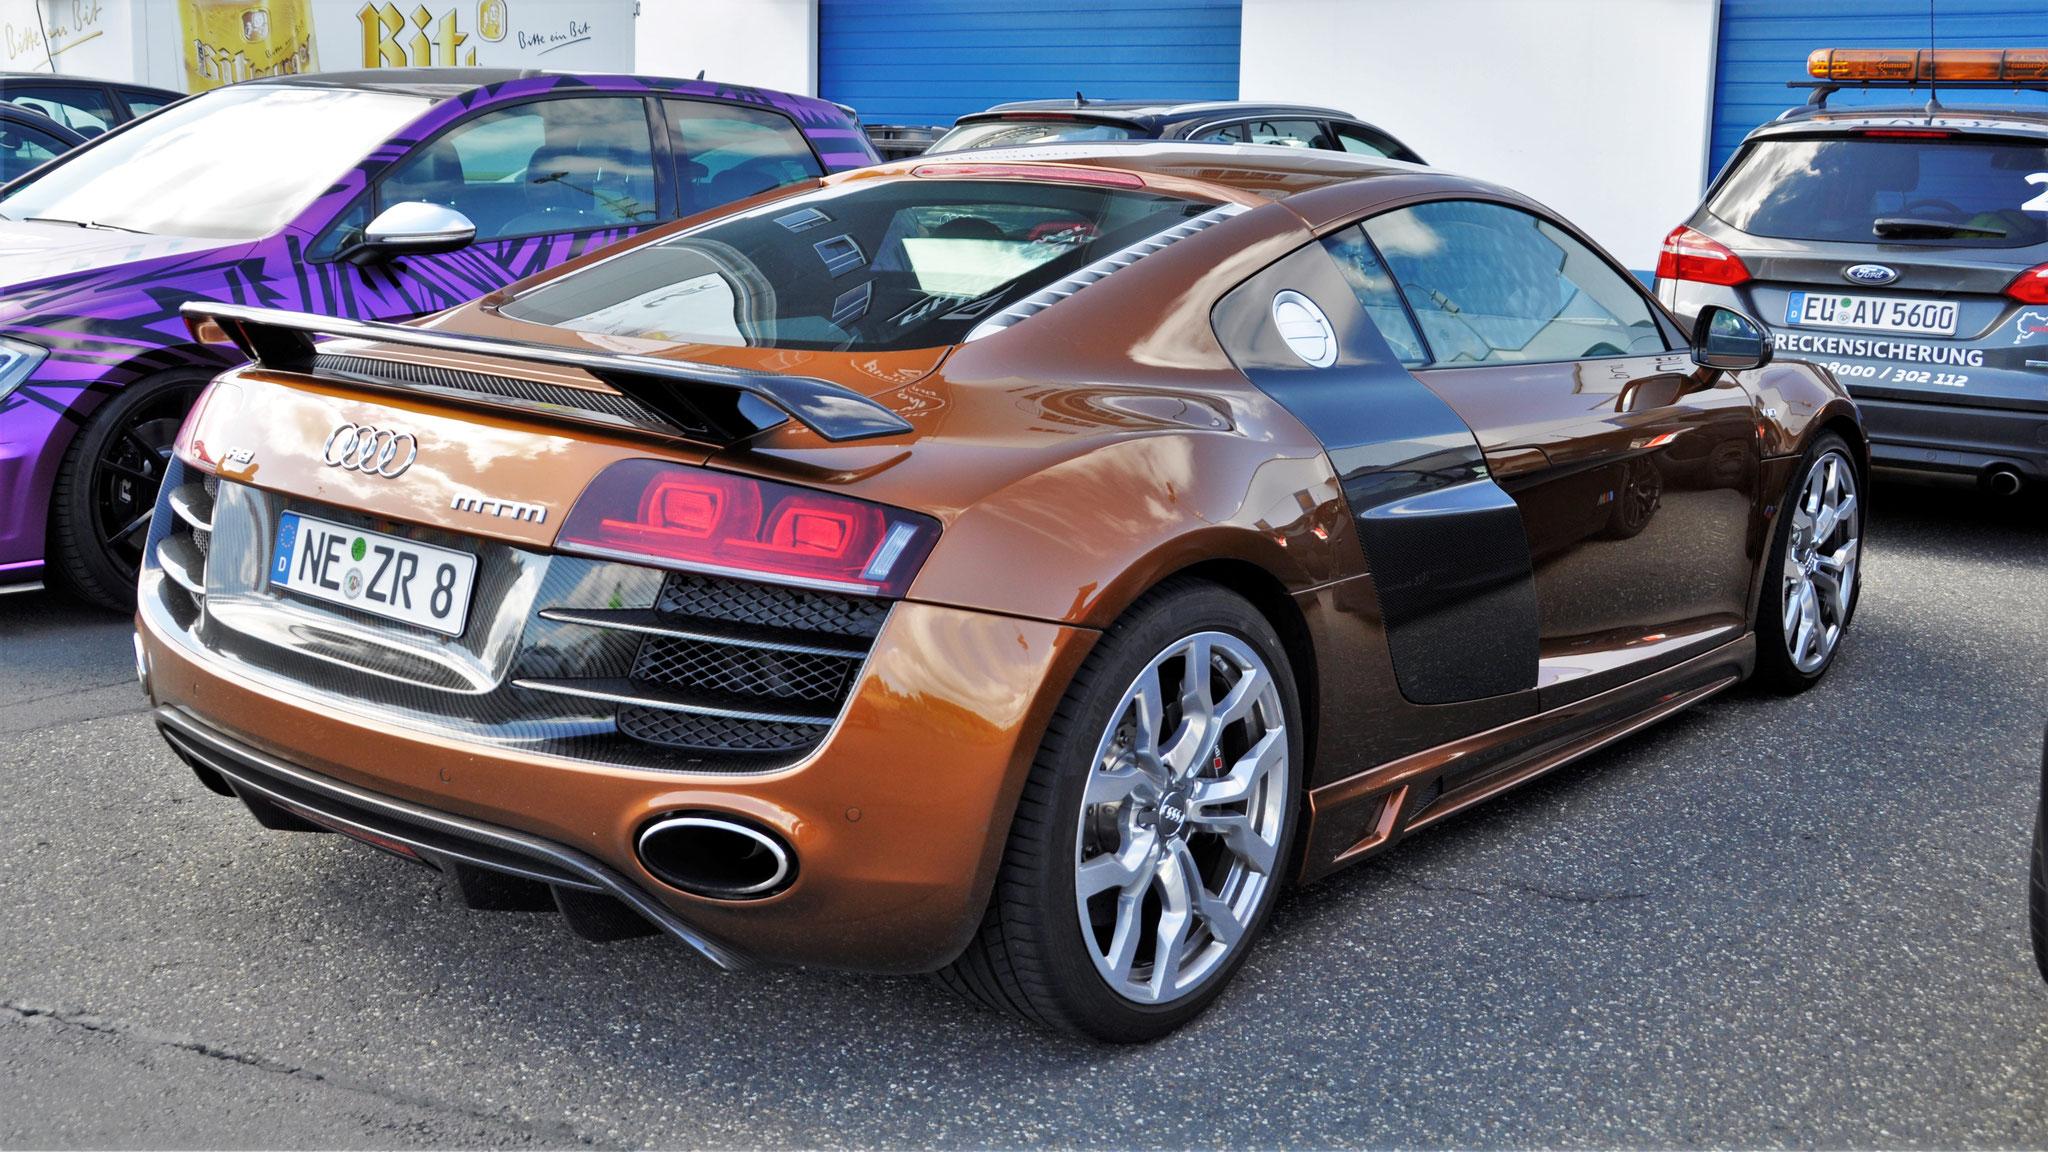 Audi R8 V10 MTM - NE-ZR-8